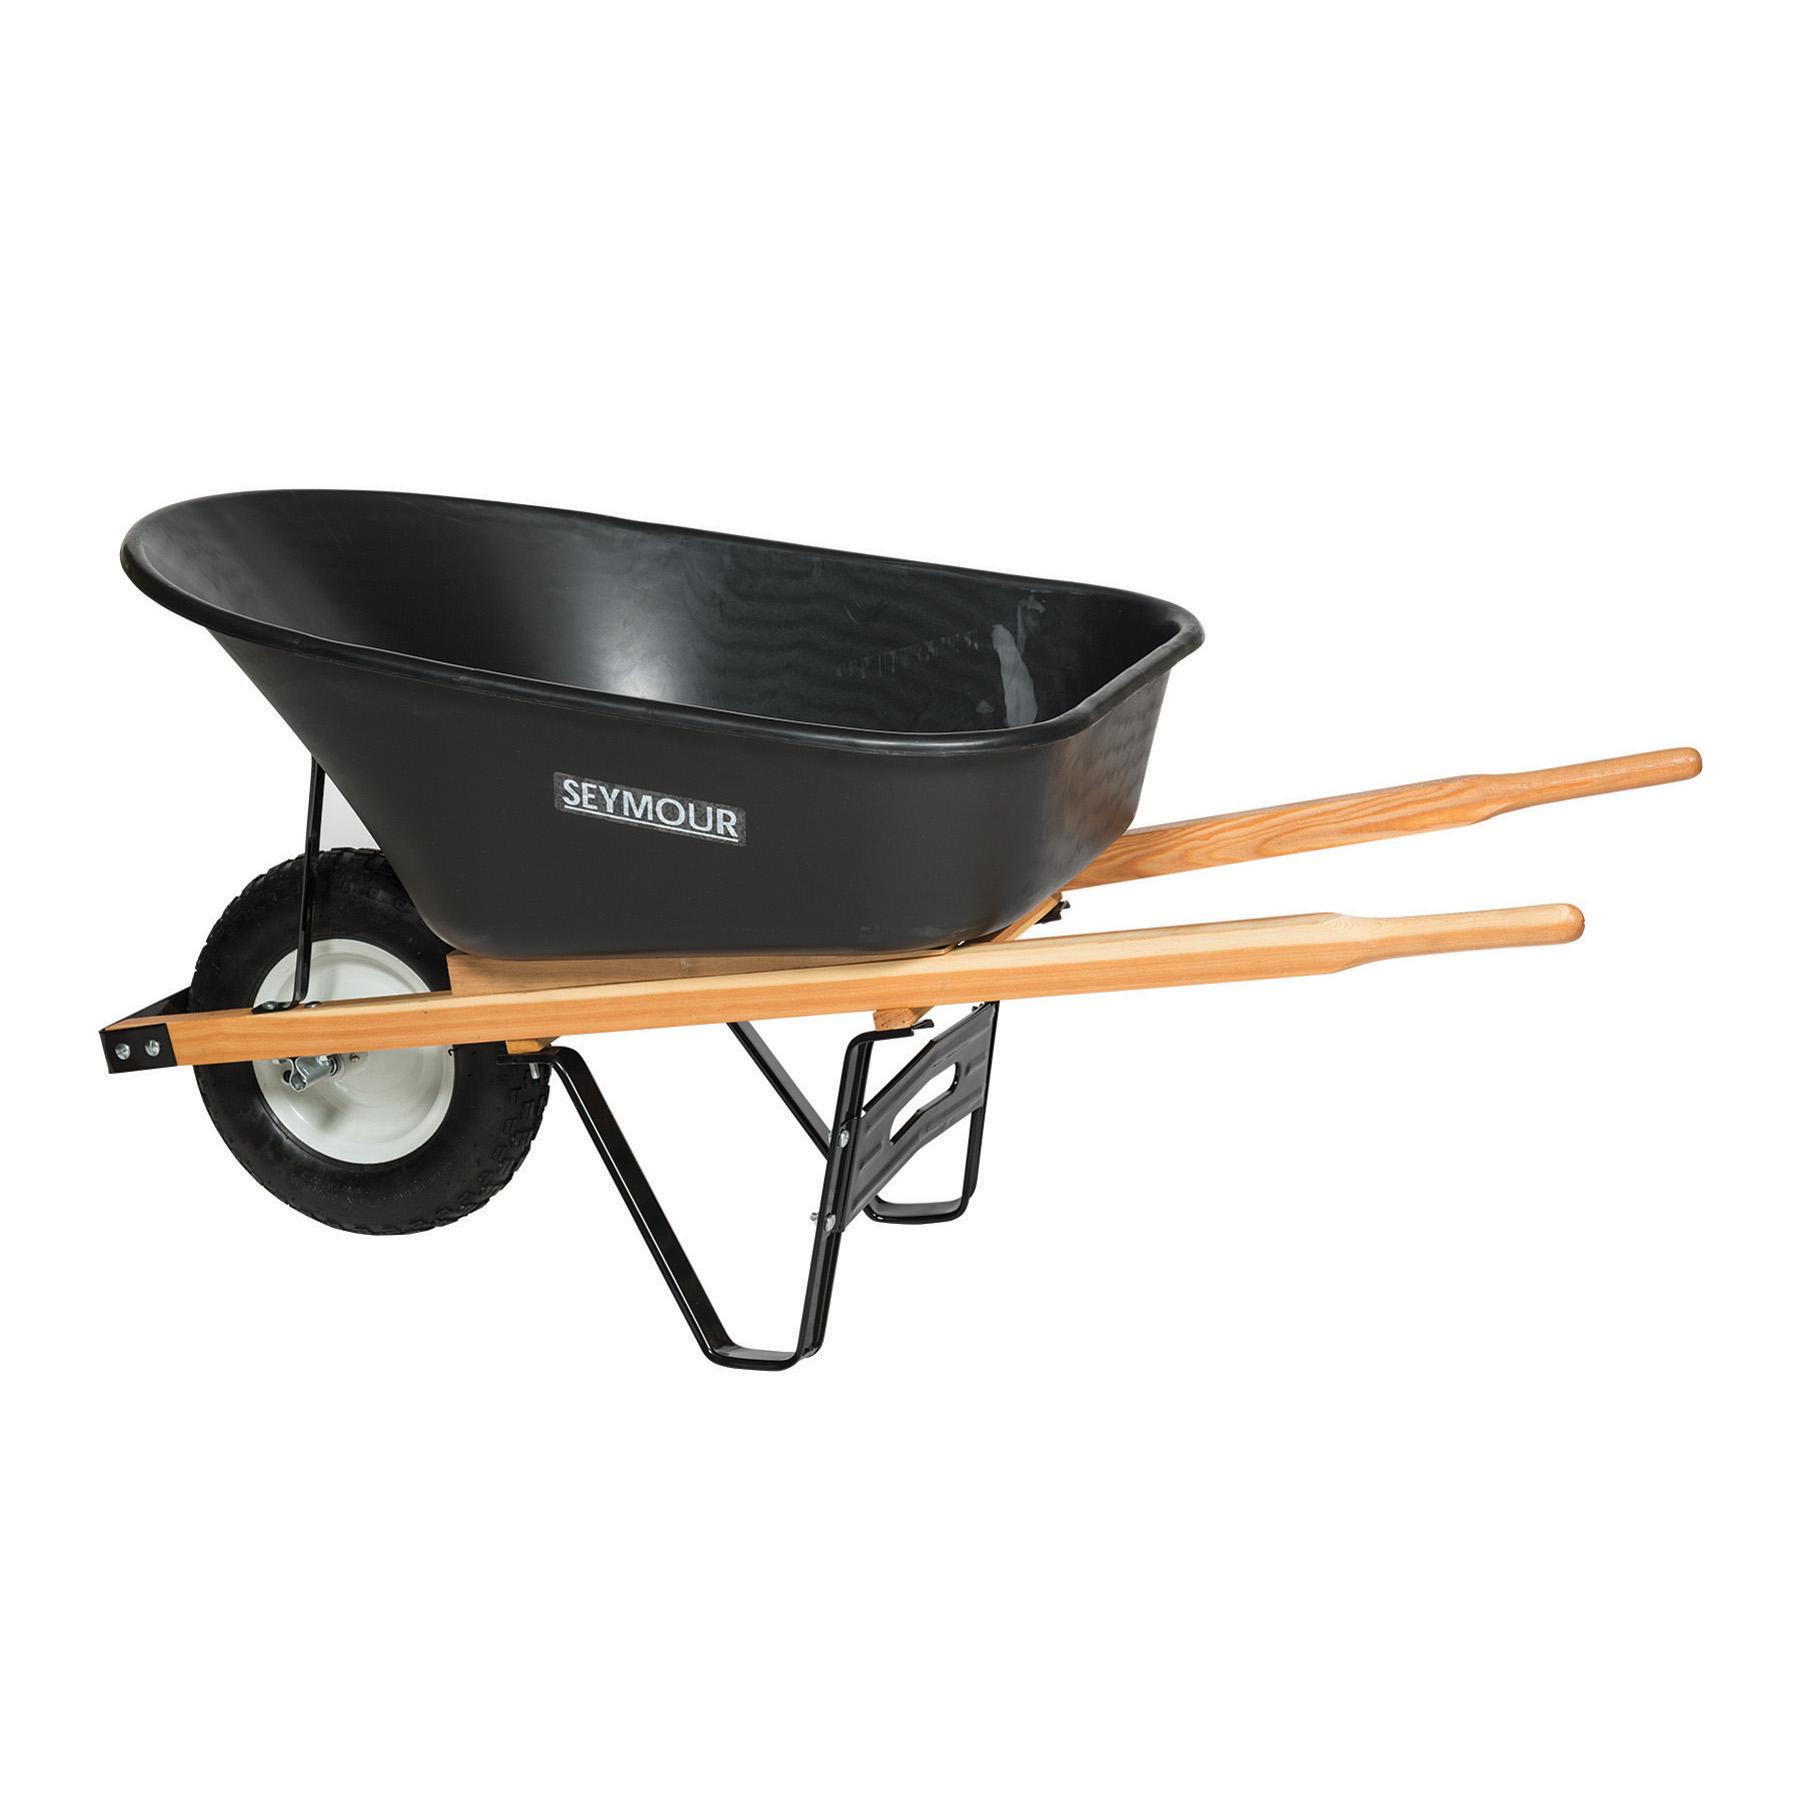 Roofing Shovels Seymour 6 Cu. Ft. Wheelbarrow, Poly Tray, Steel Wheel